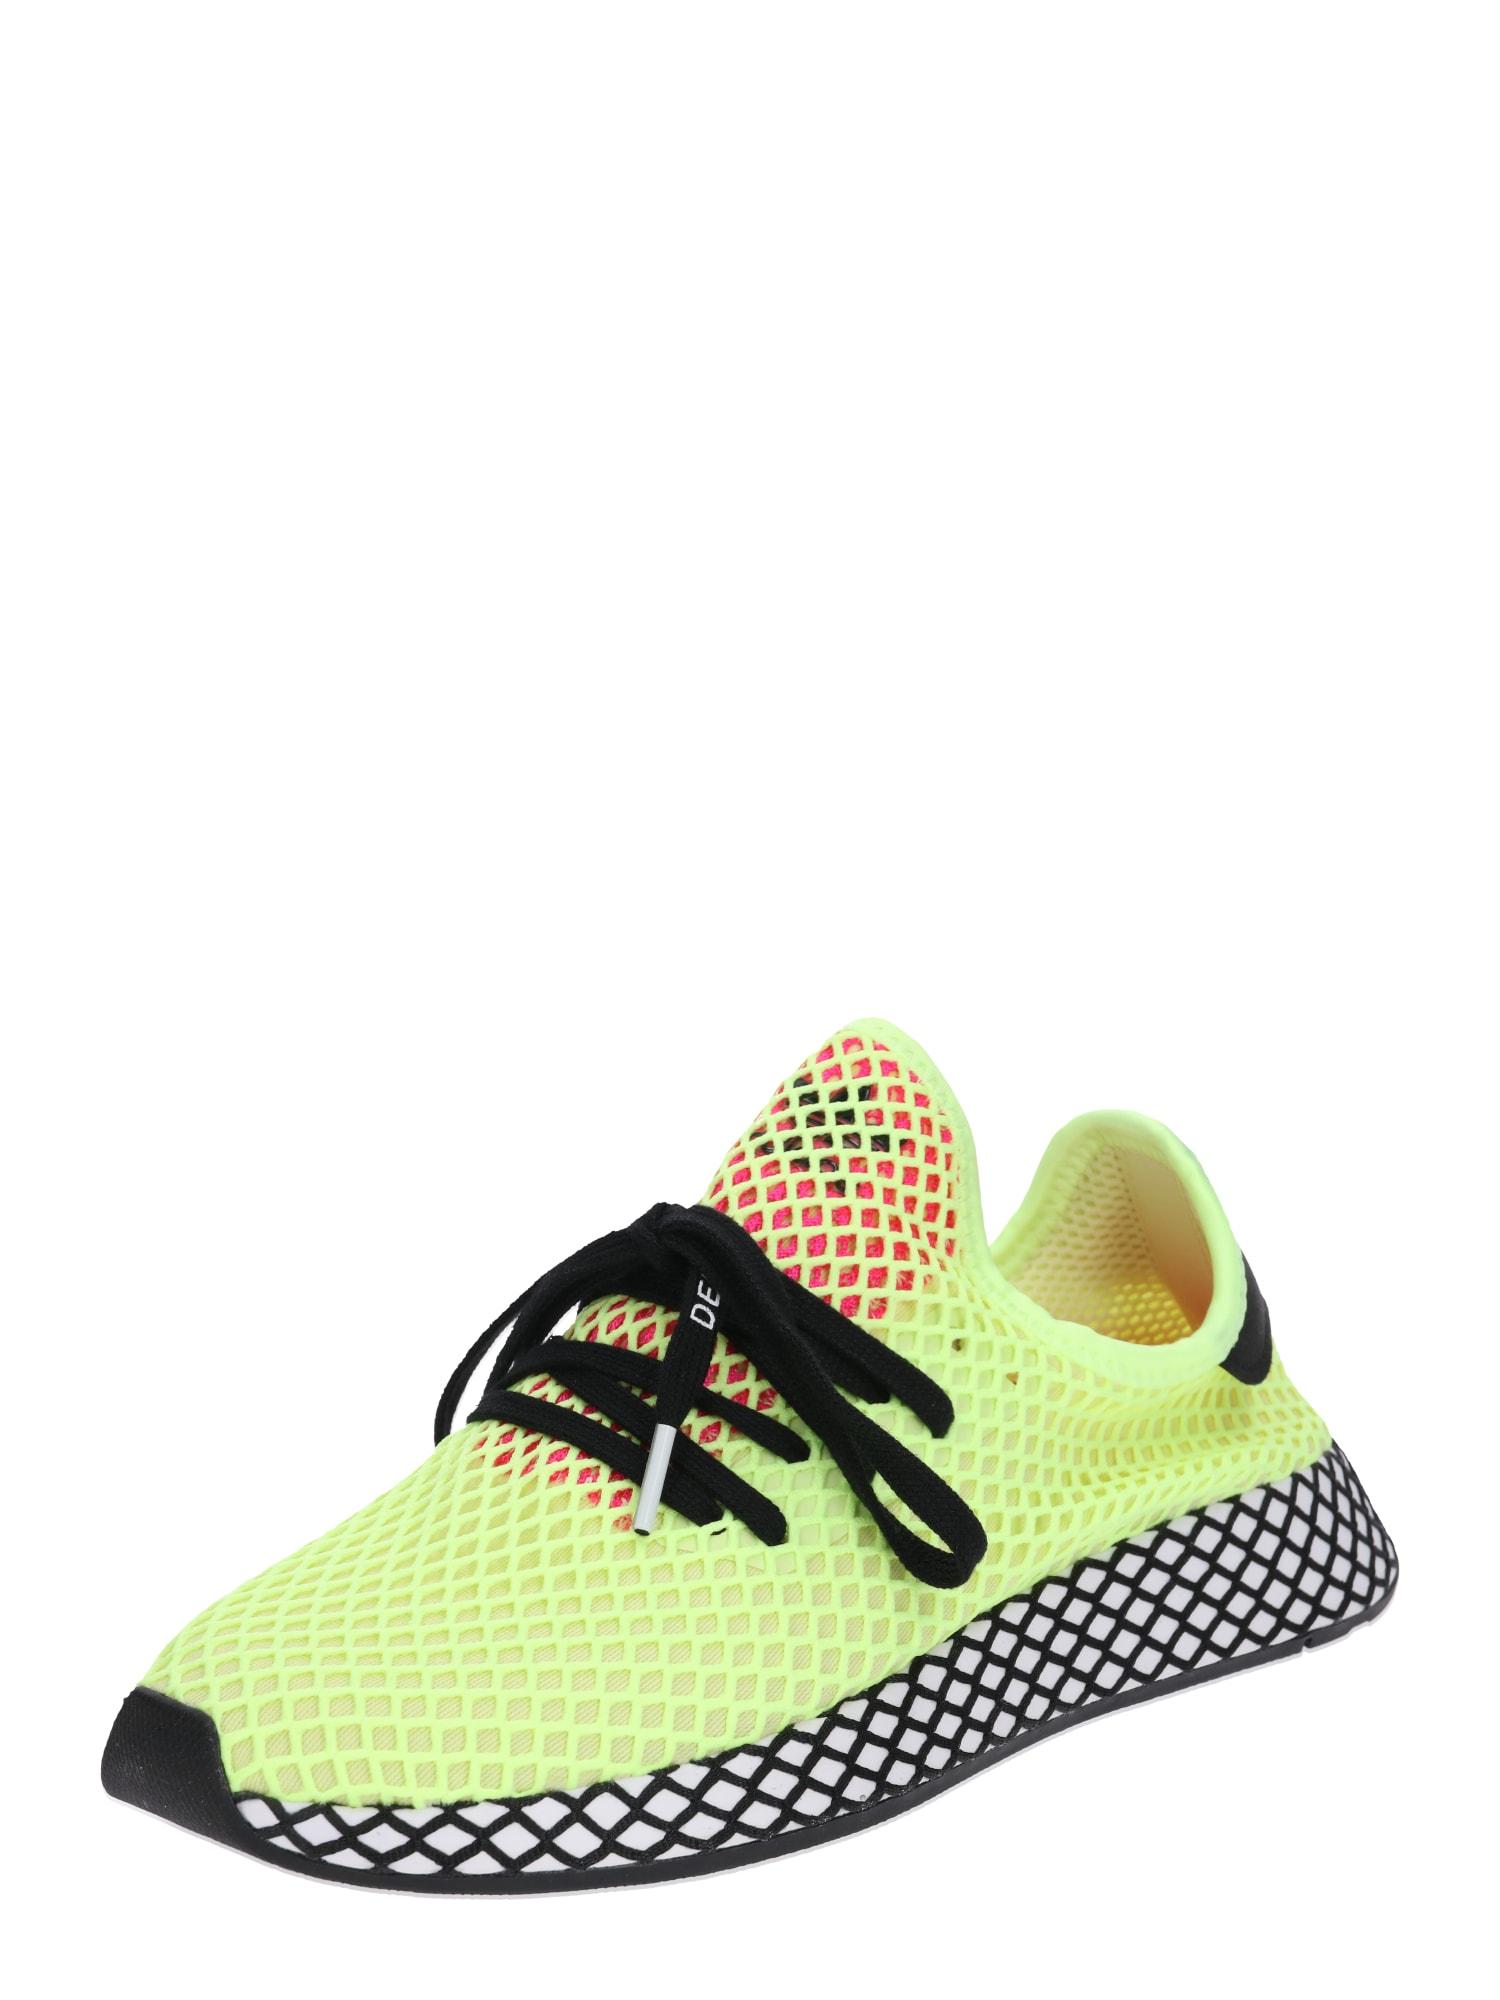 ADIDAS ORIGINALS, Heren Sneakers laag 'Deerupt Runner', neongeel / zwart